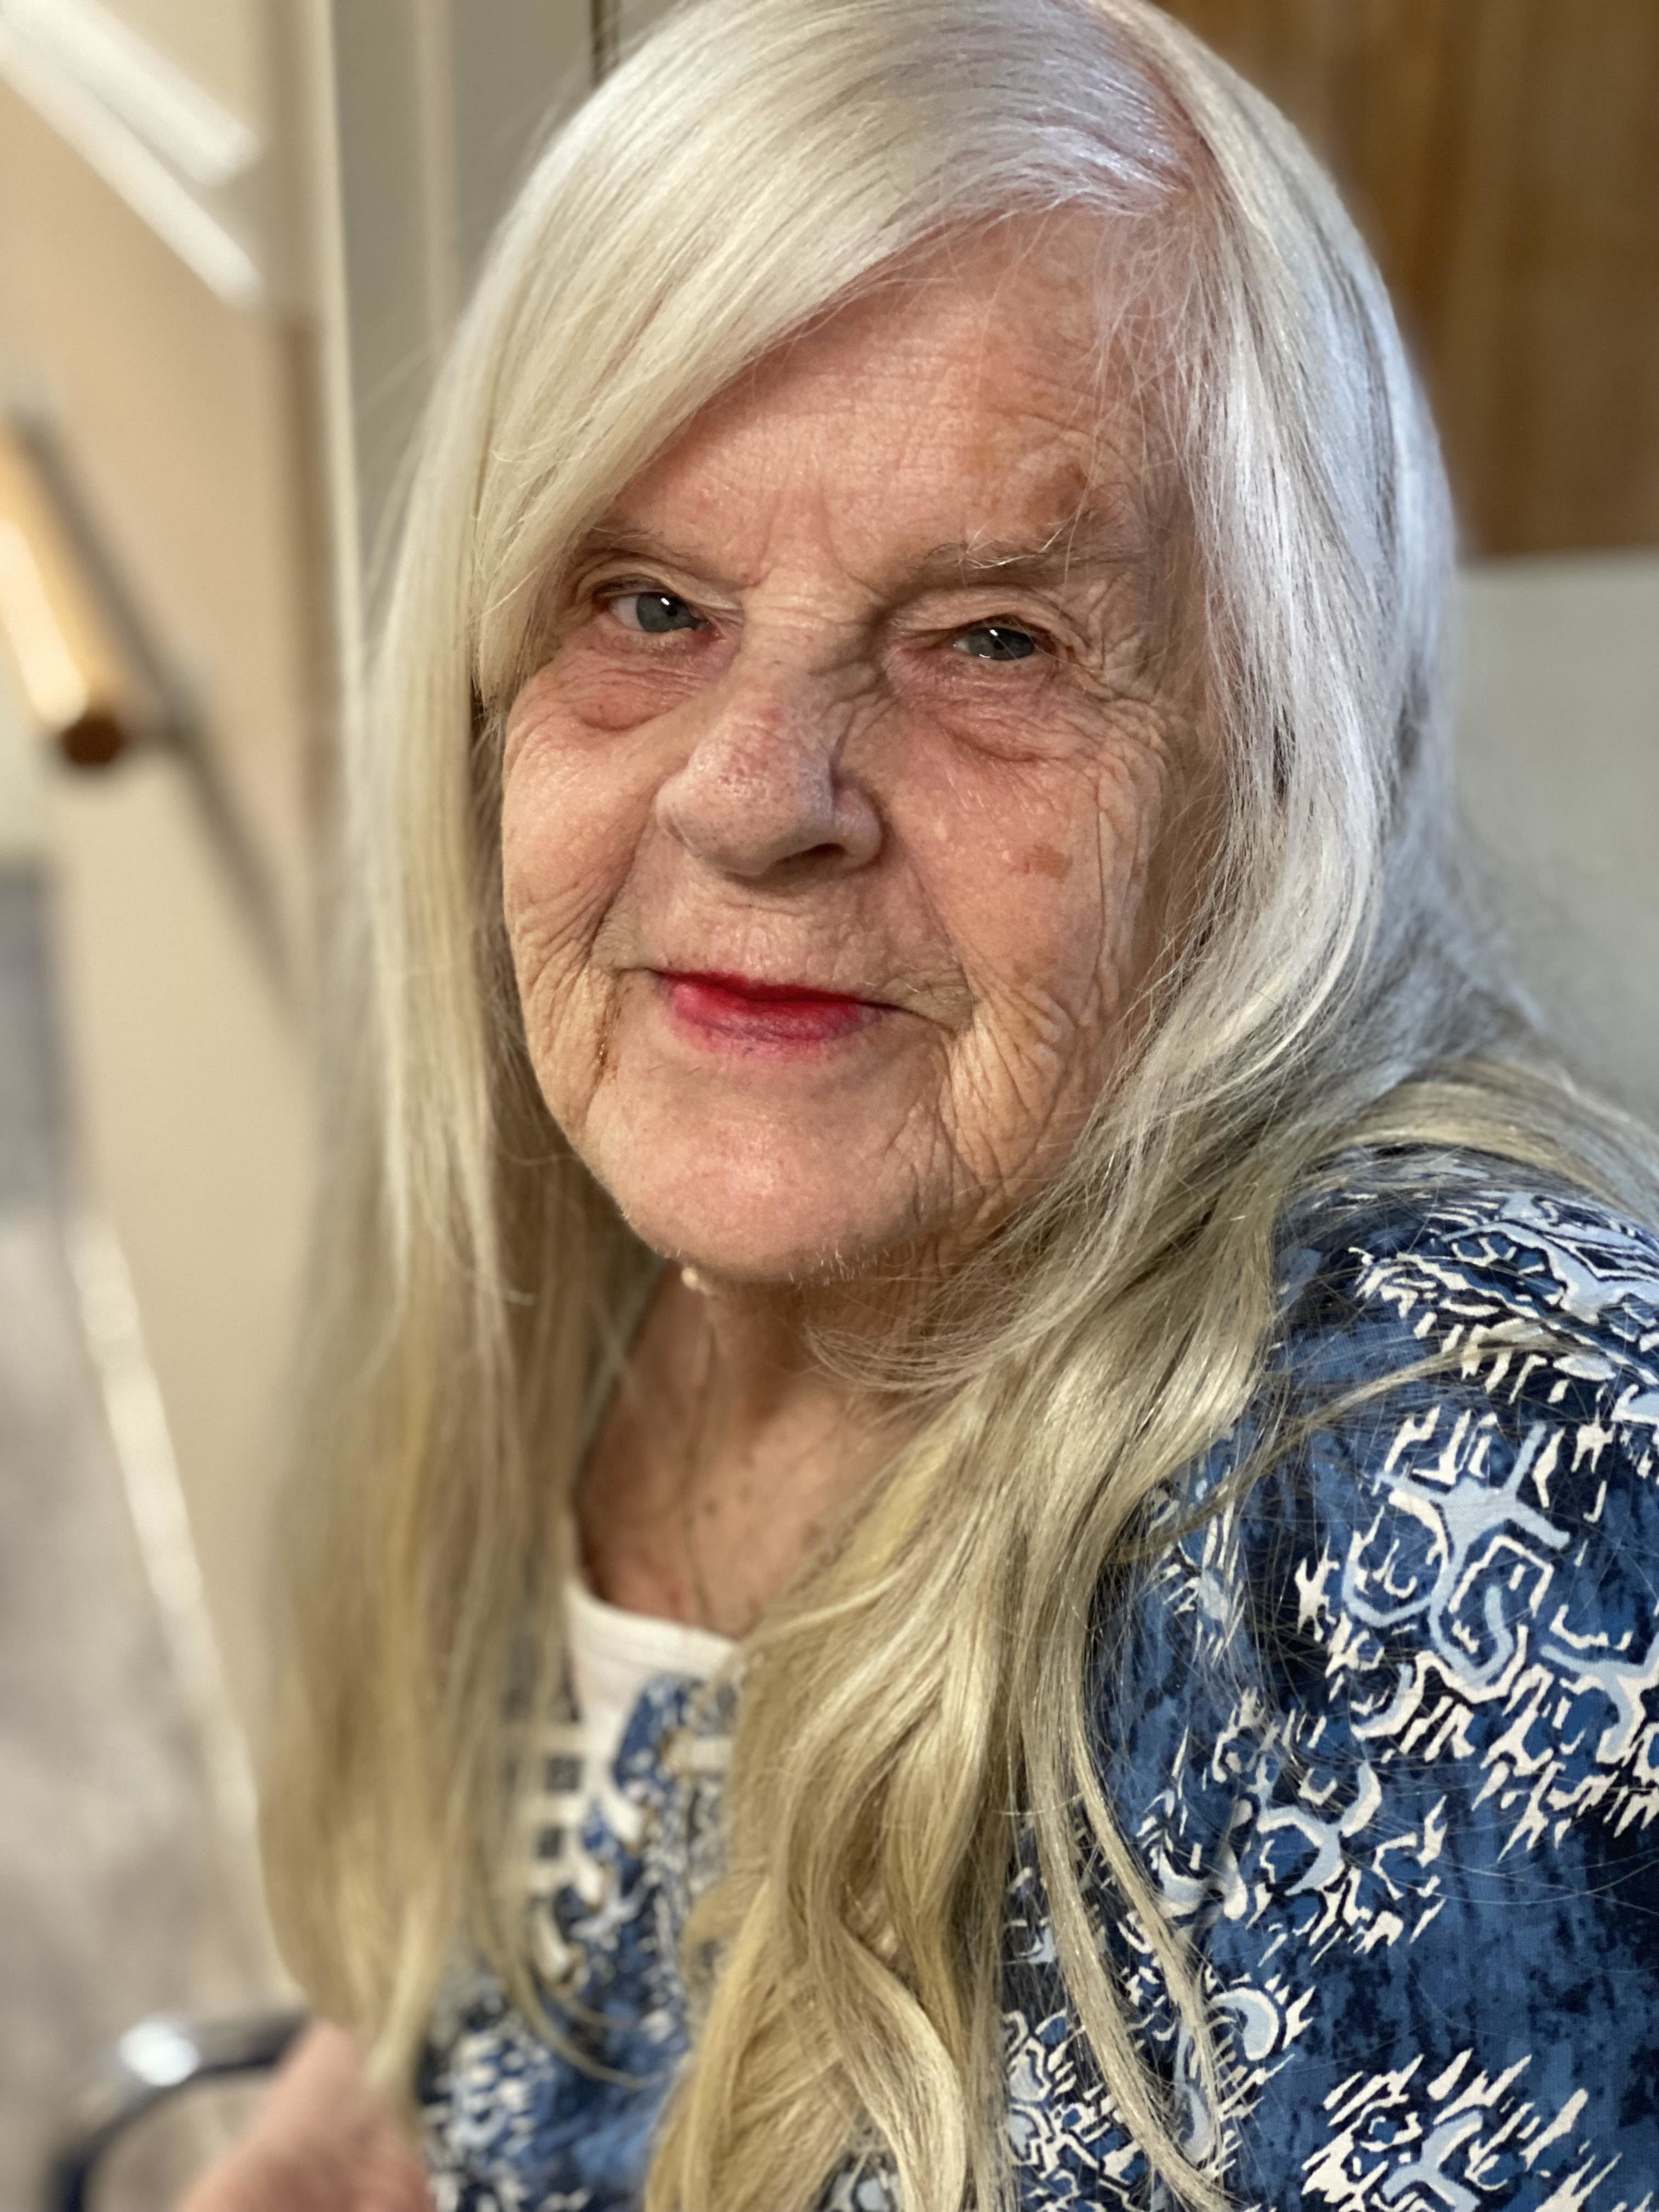 Sponsor a Nursing Home Resident